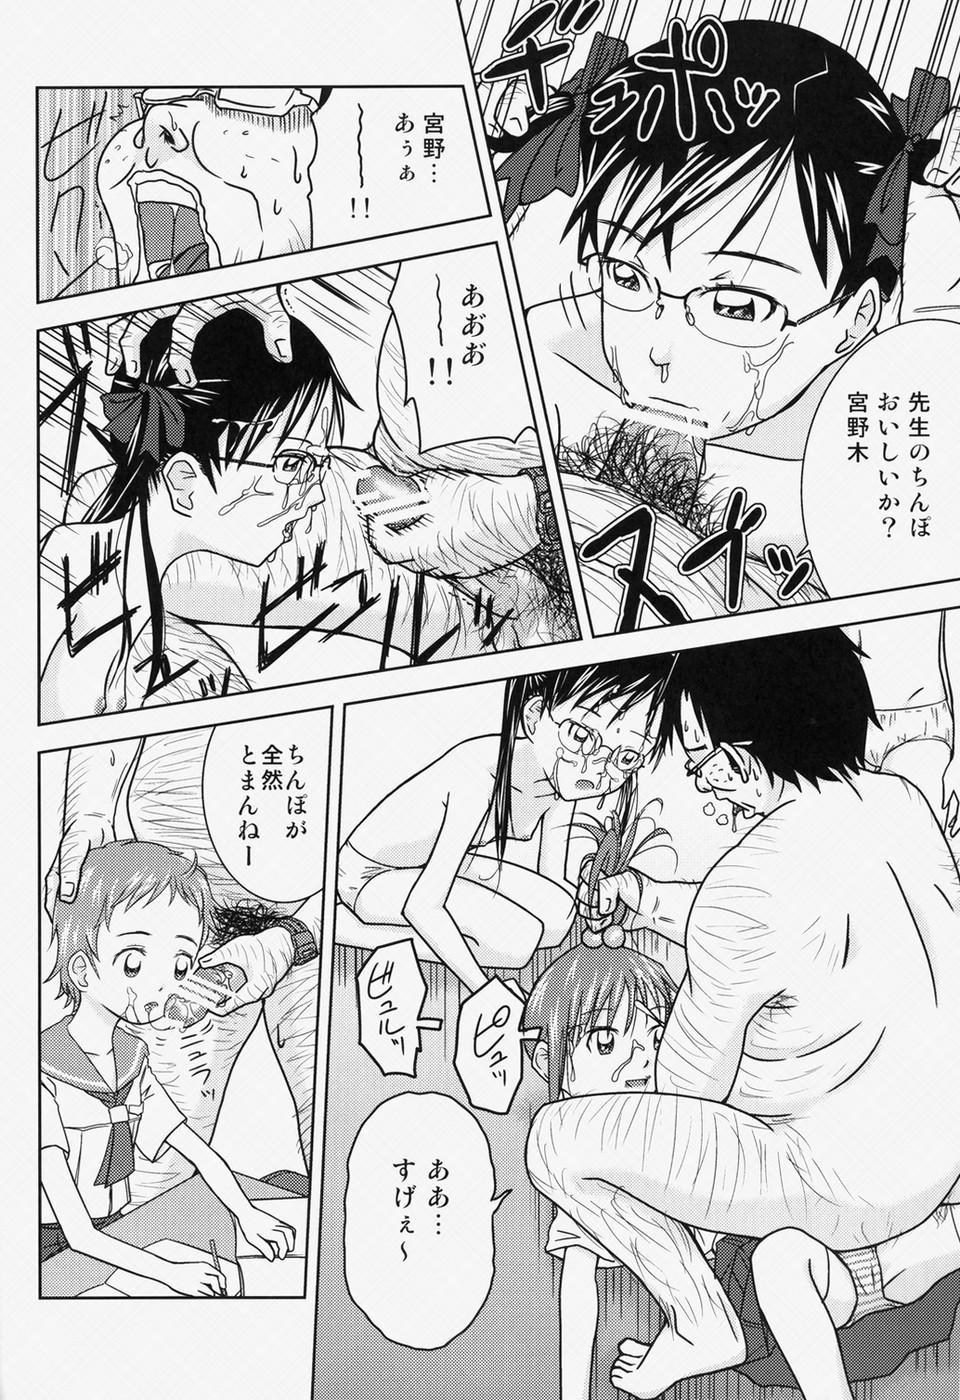 Moshimo Jikan ga Tomattara!? 2 Byou 10